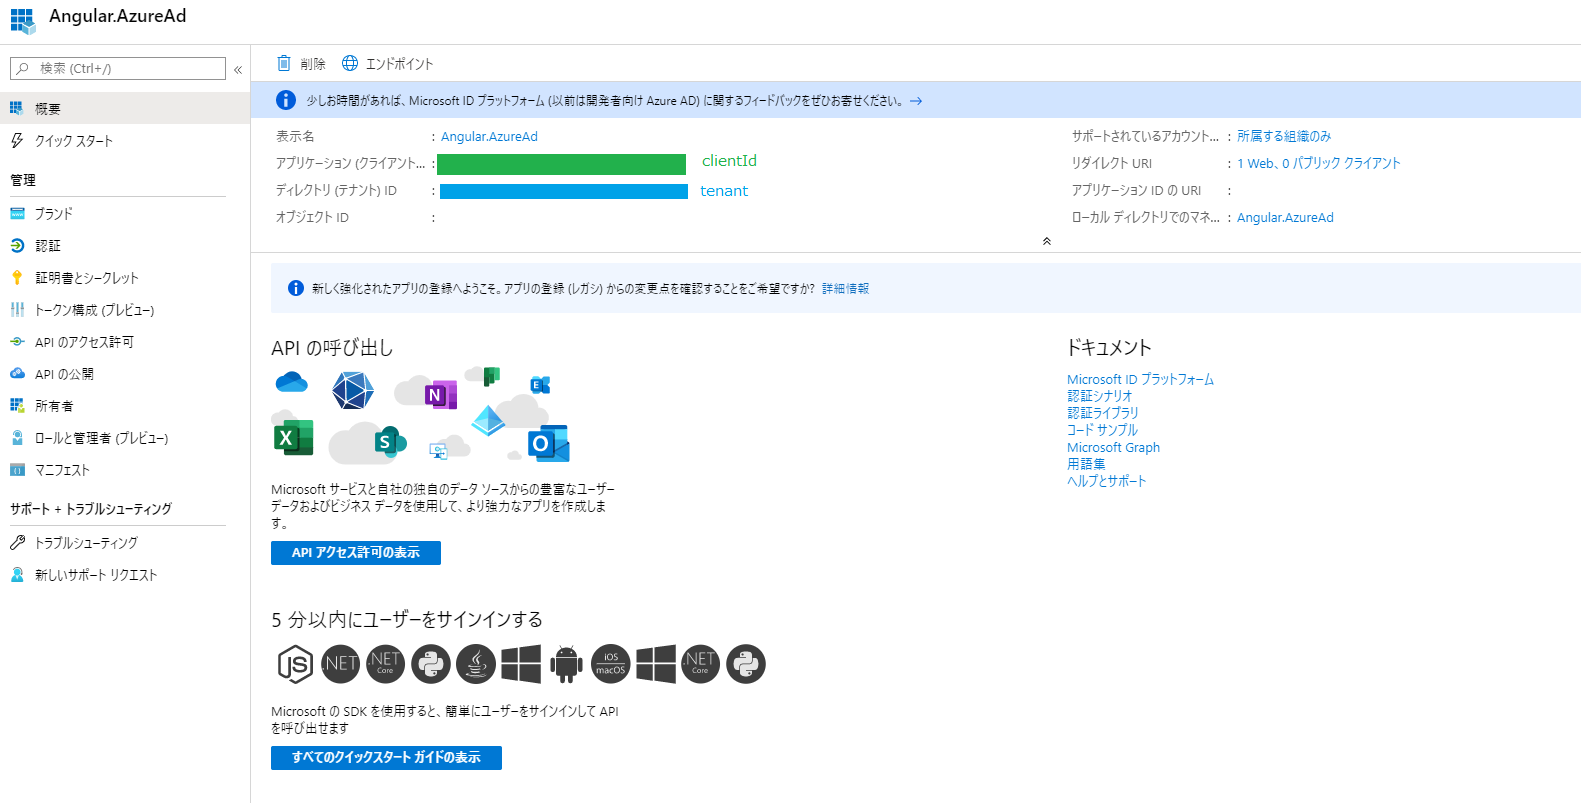 テナントとアプリ.PNG